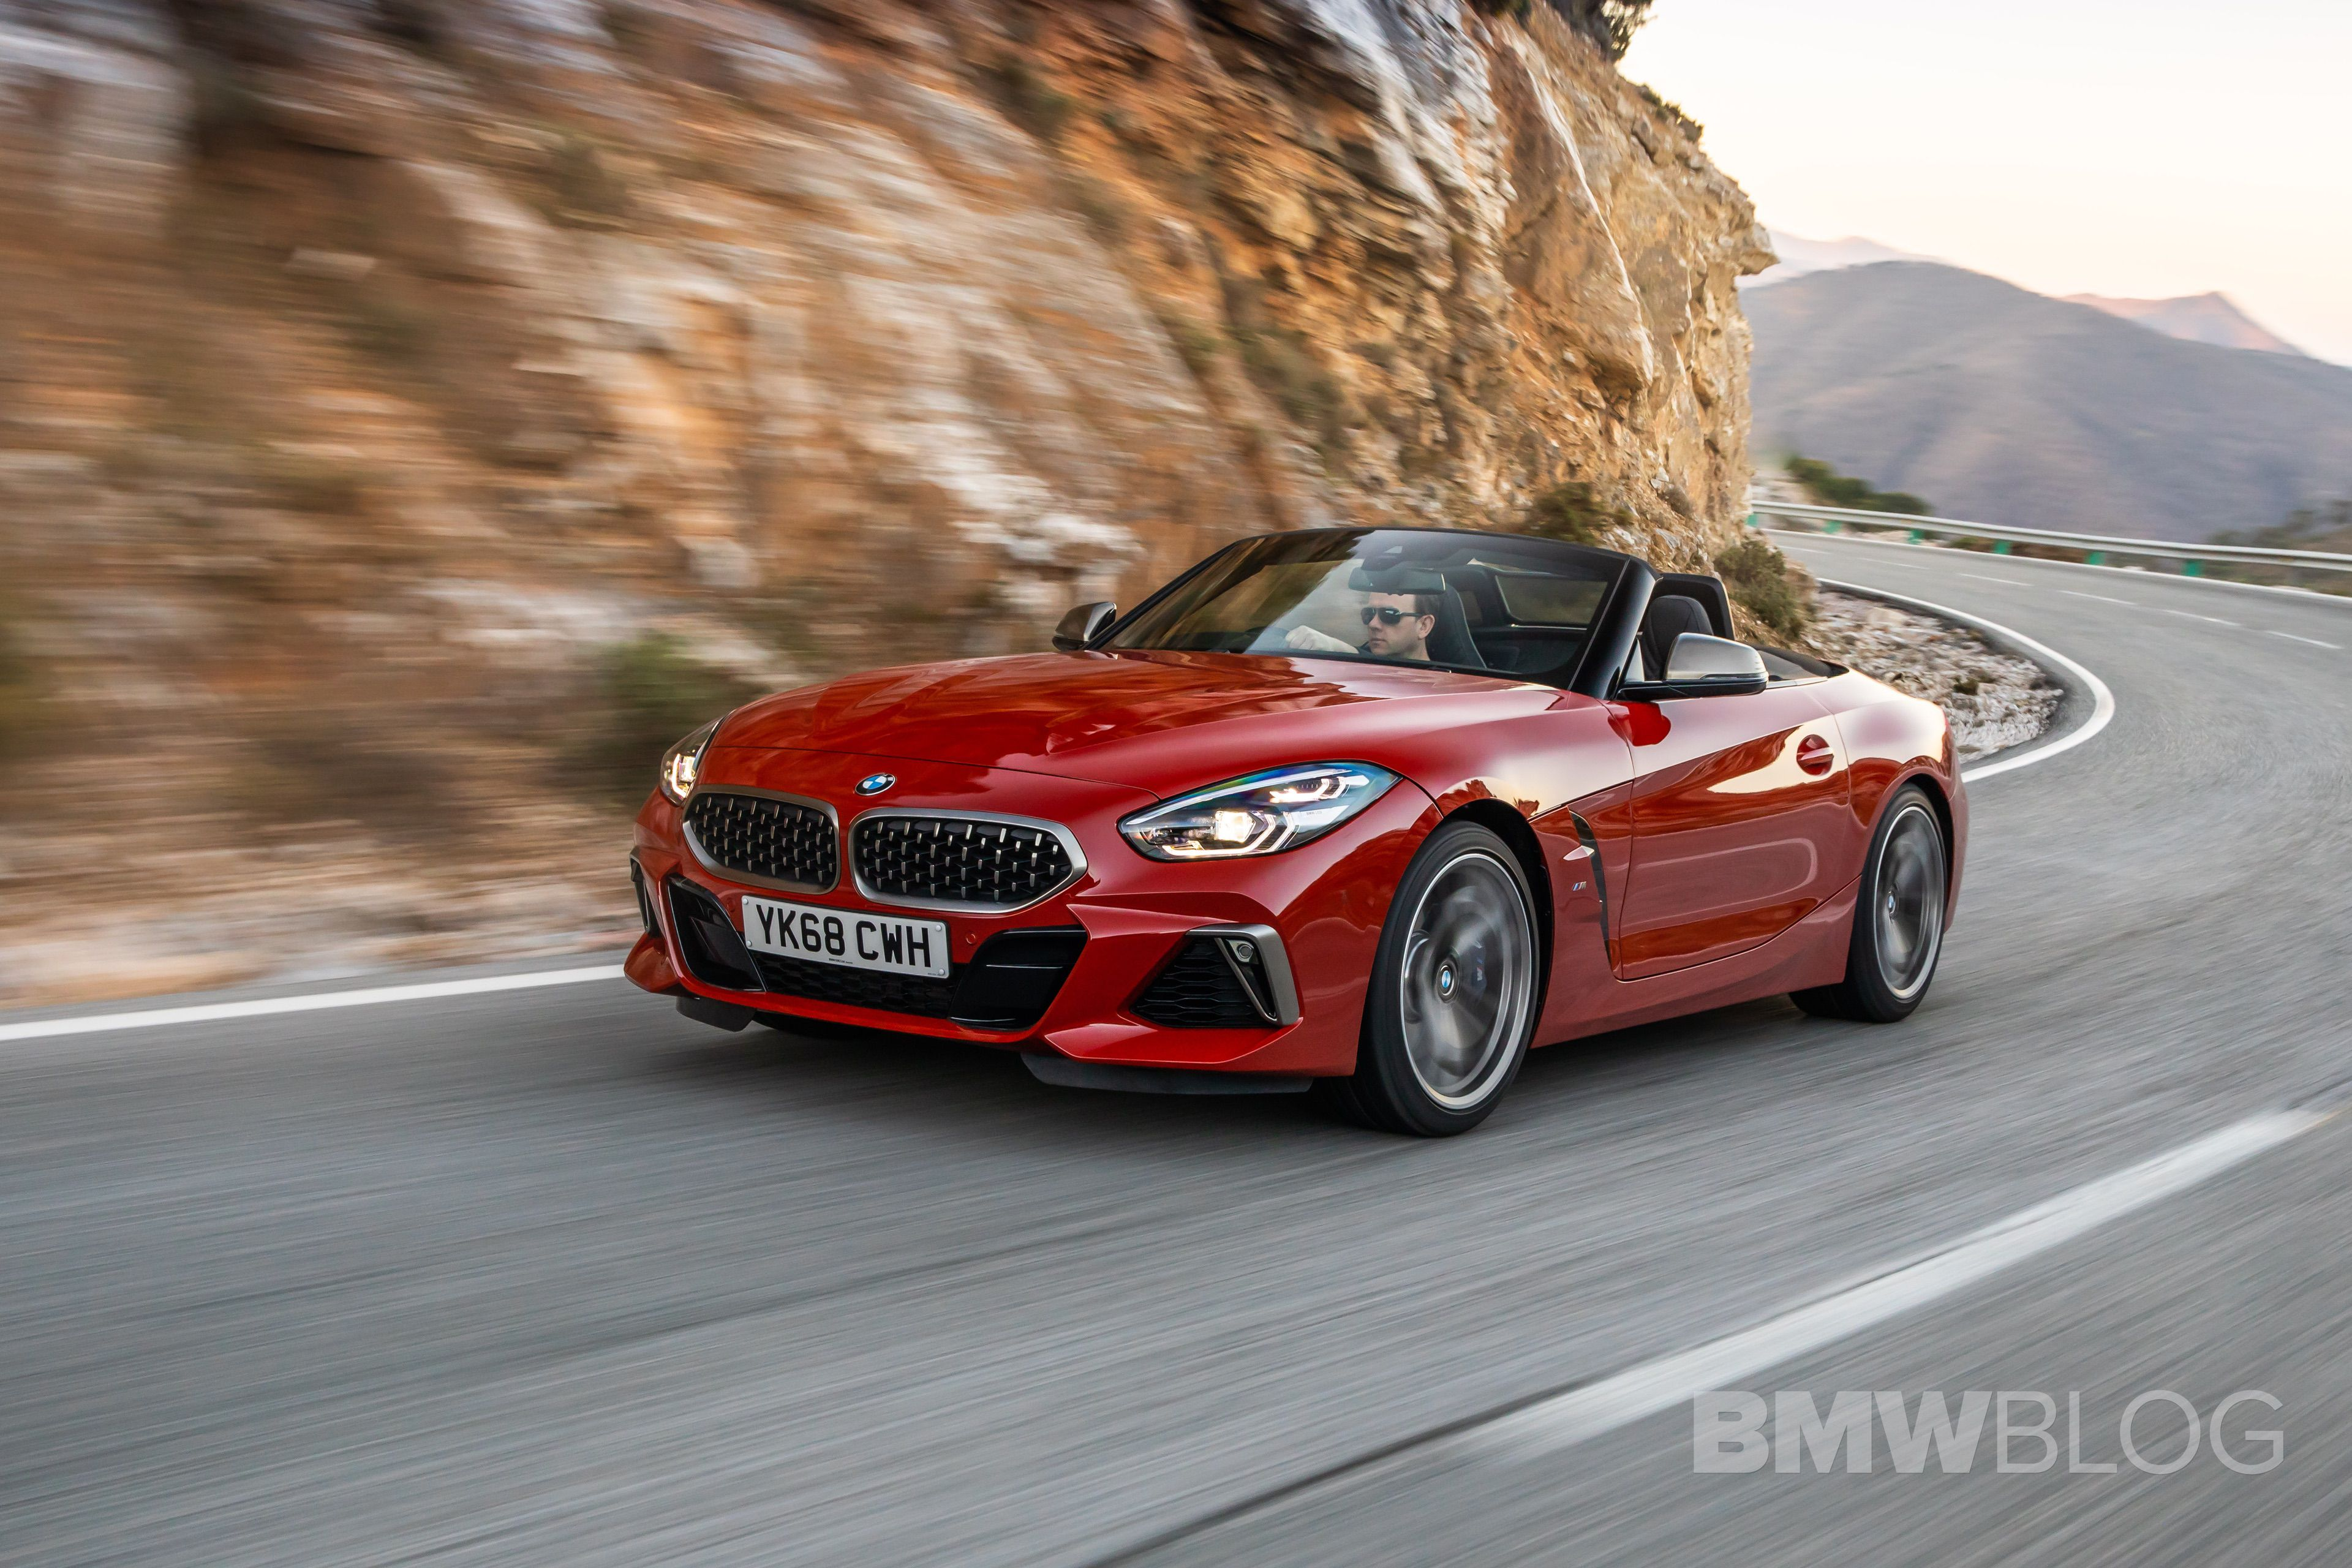 BMW Z4 M40i San Francisco Red 17